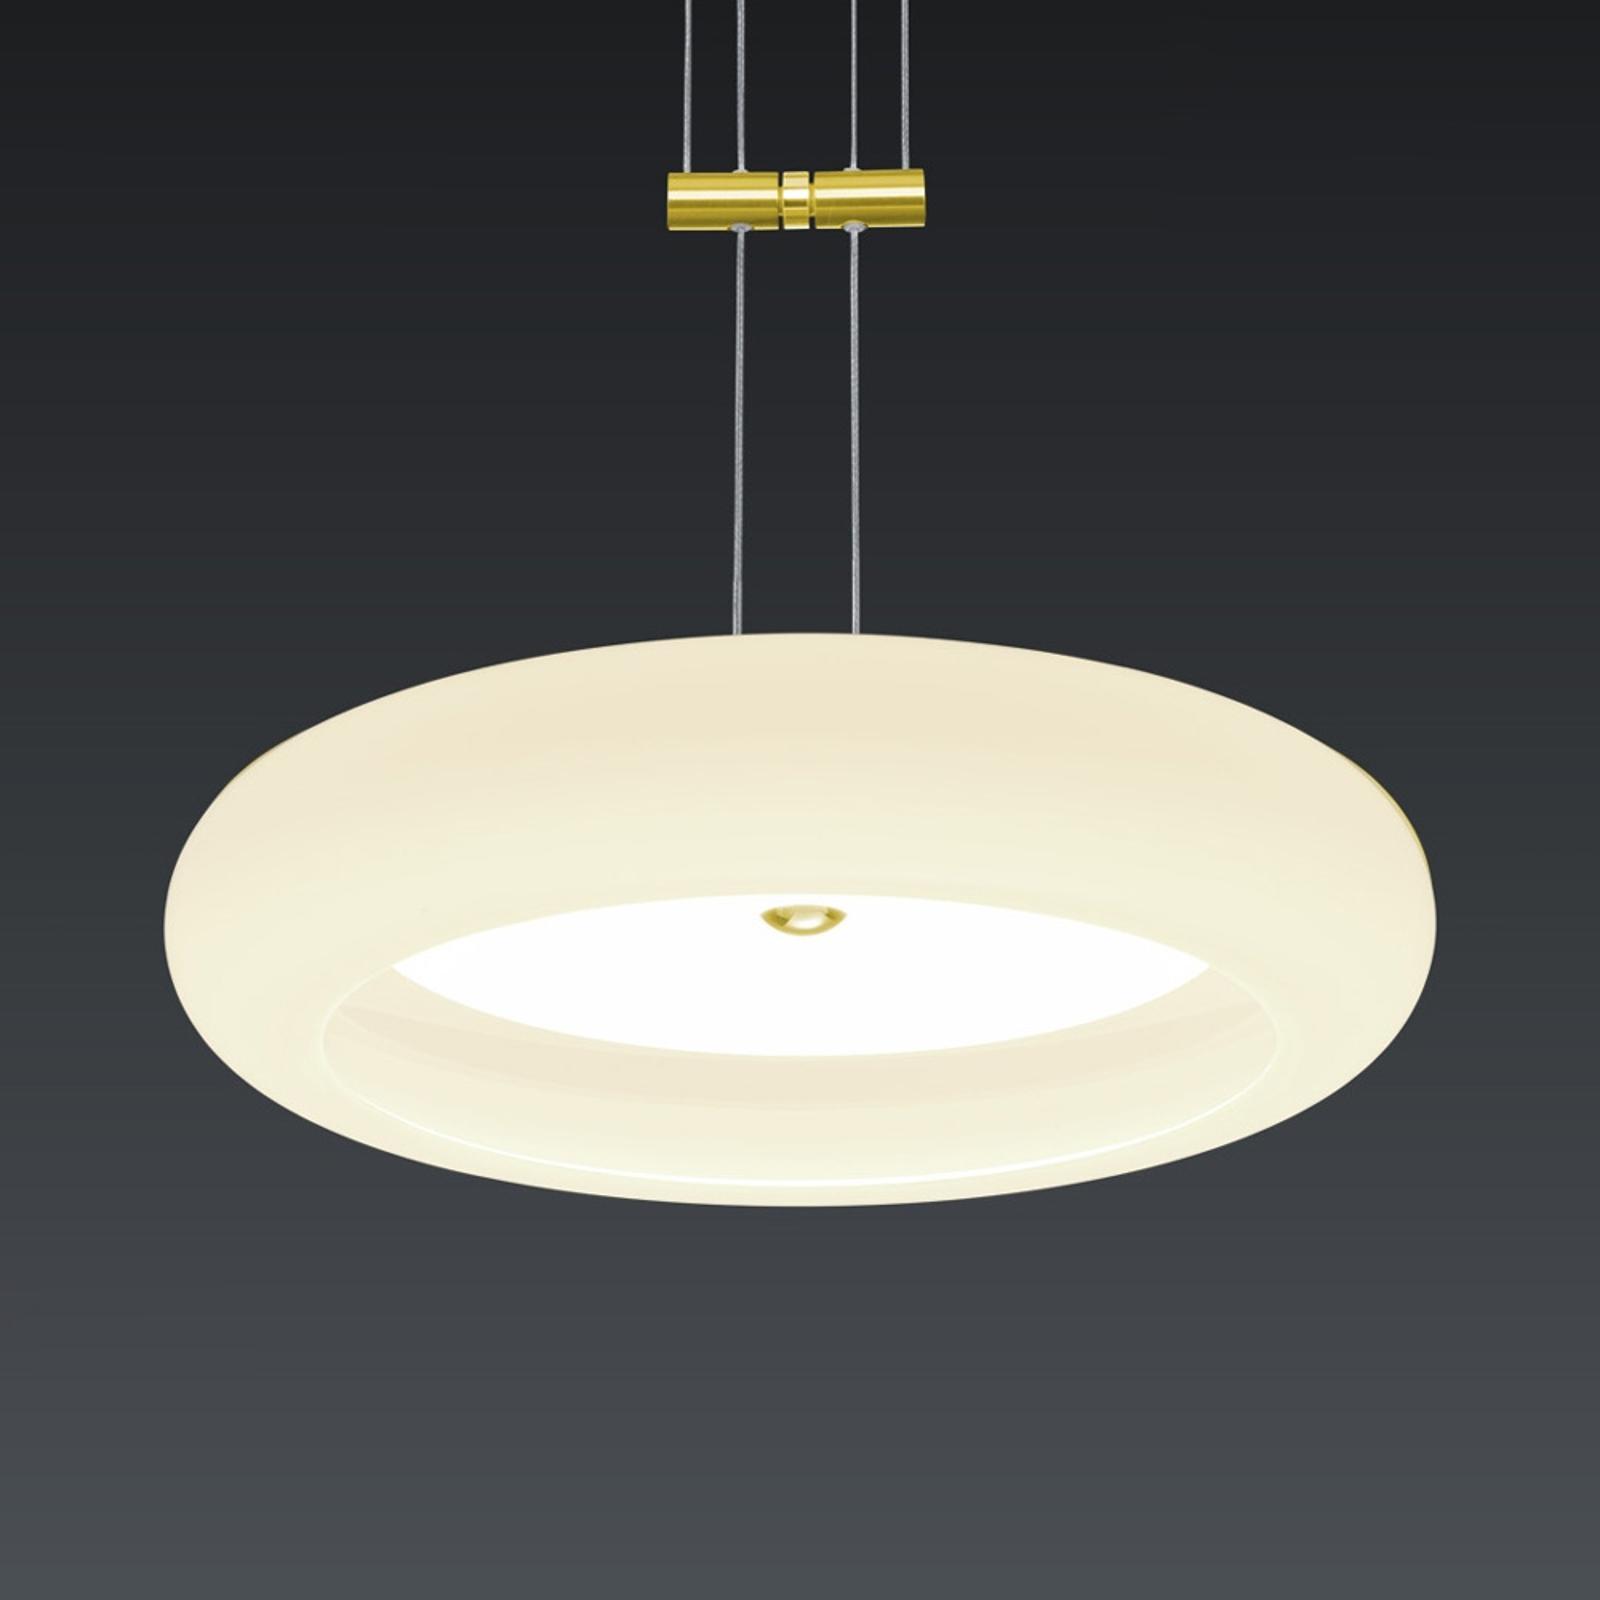 BANKAMP Centa lampa wisząca 1-pkt. 34 cm mosiądz